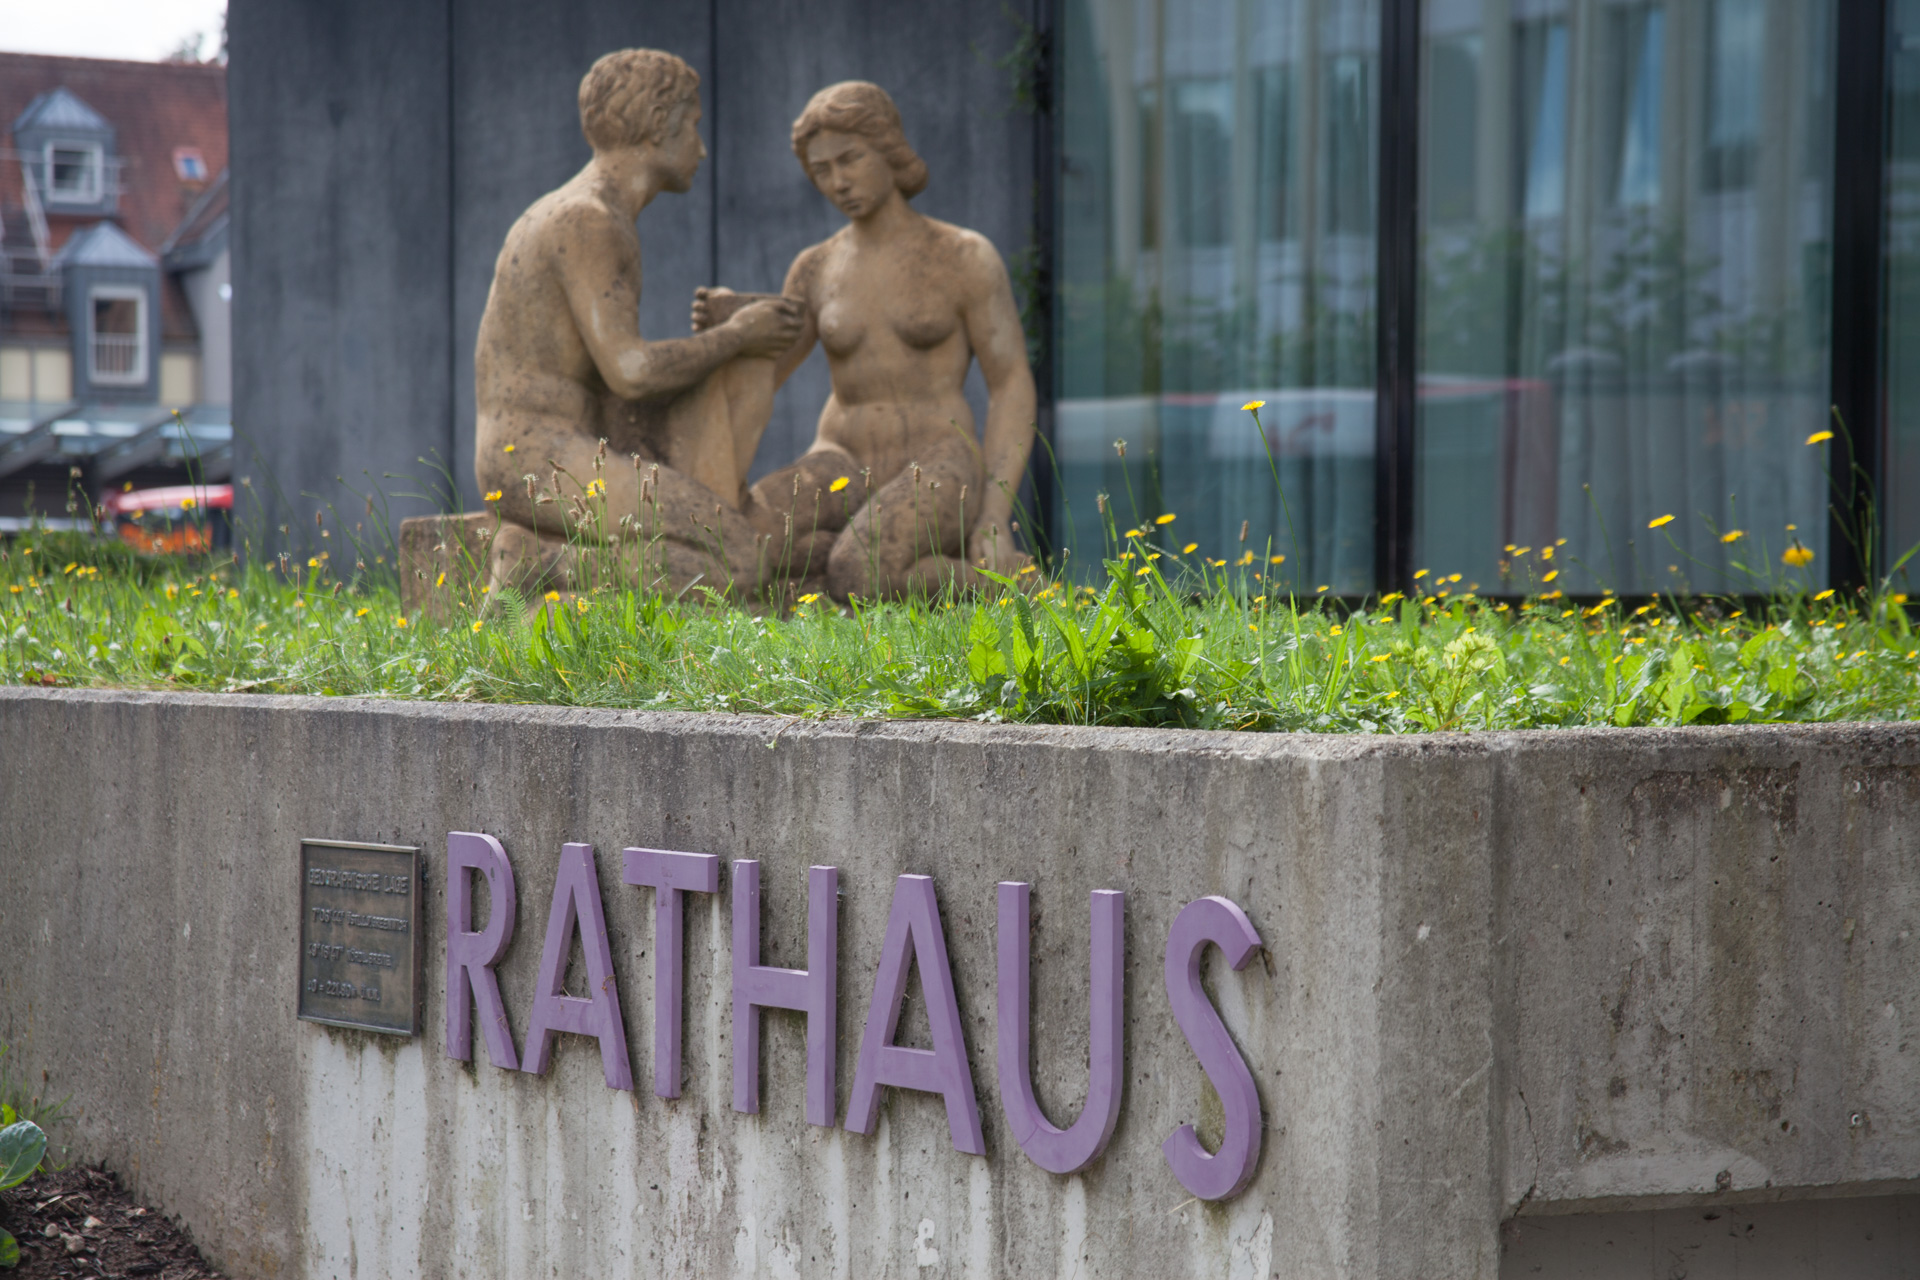 St. Ingbert: Rathaus